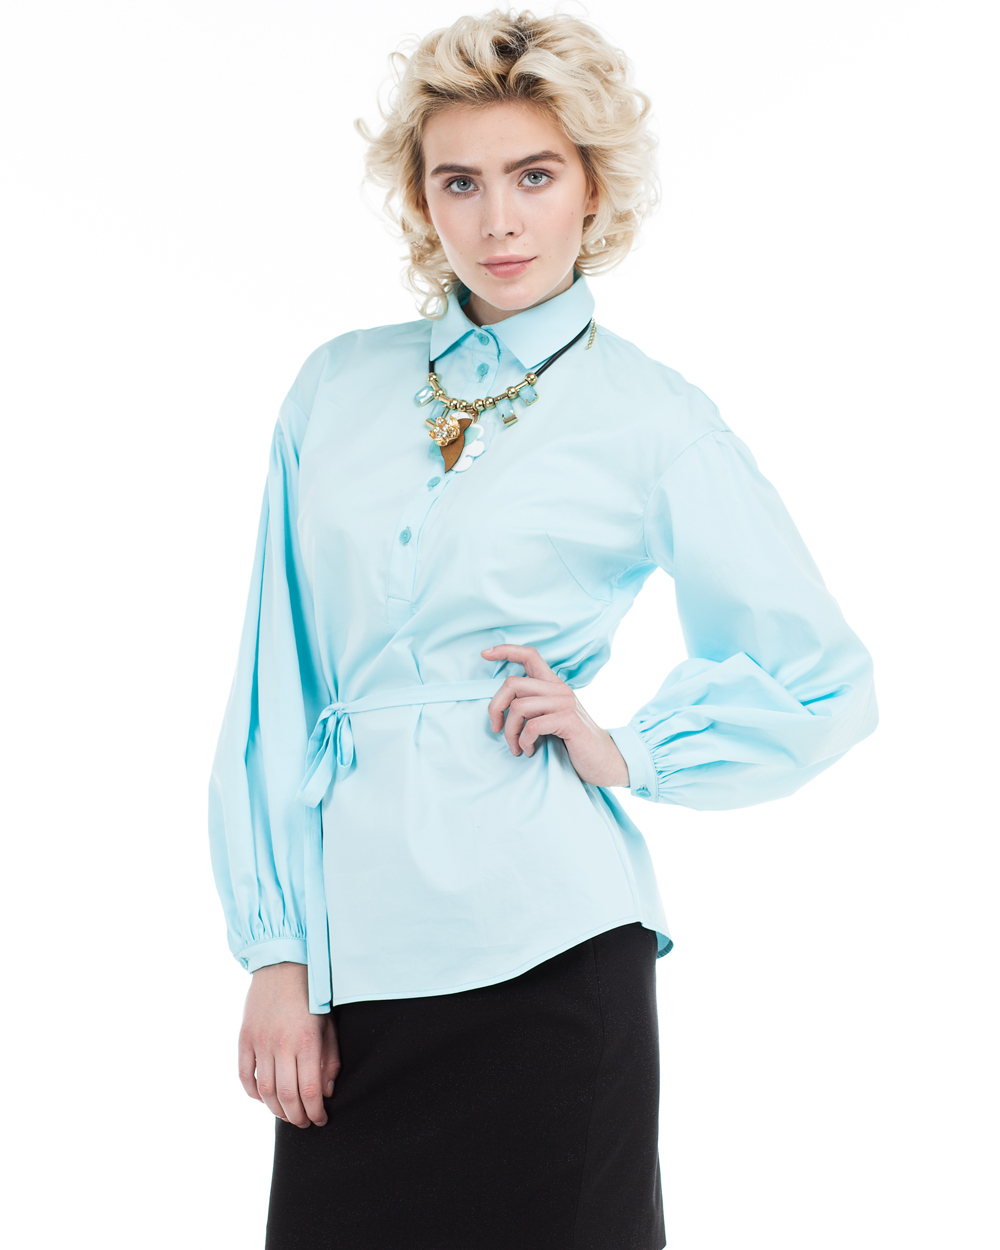 Блузка С Пышными Рукавами В Санкт Петербурге